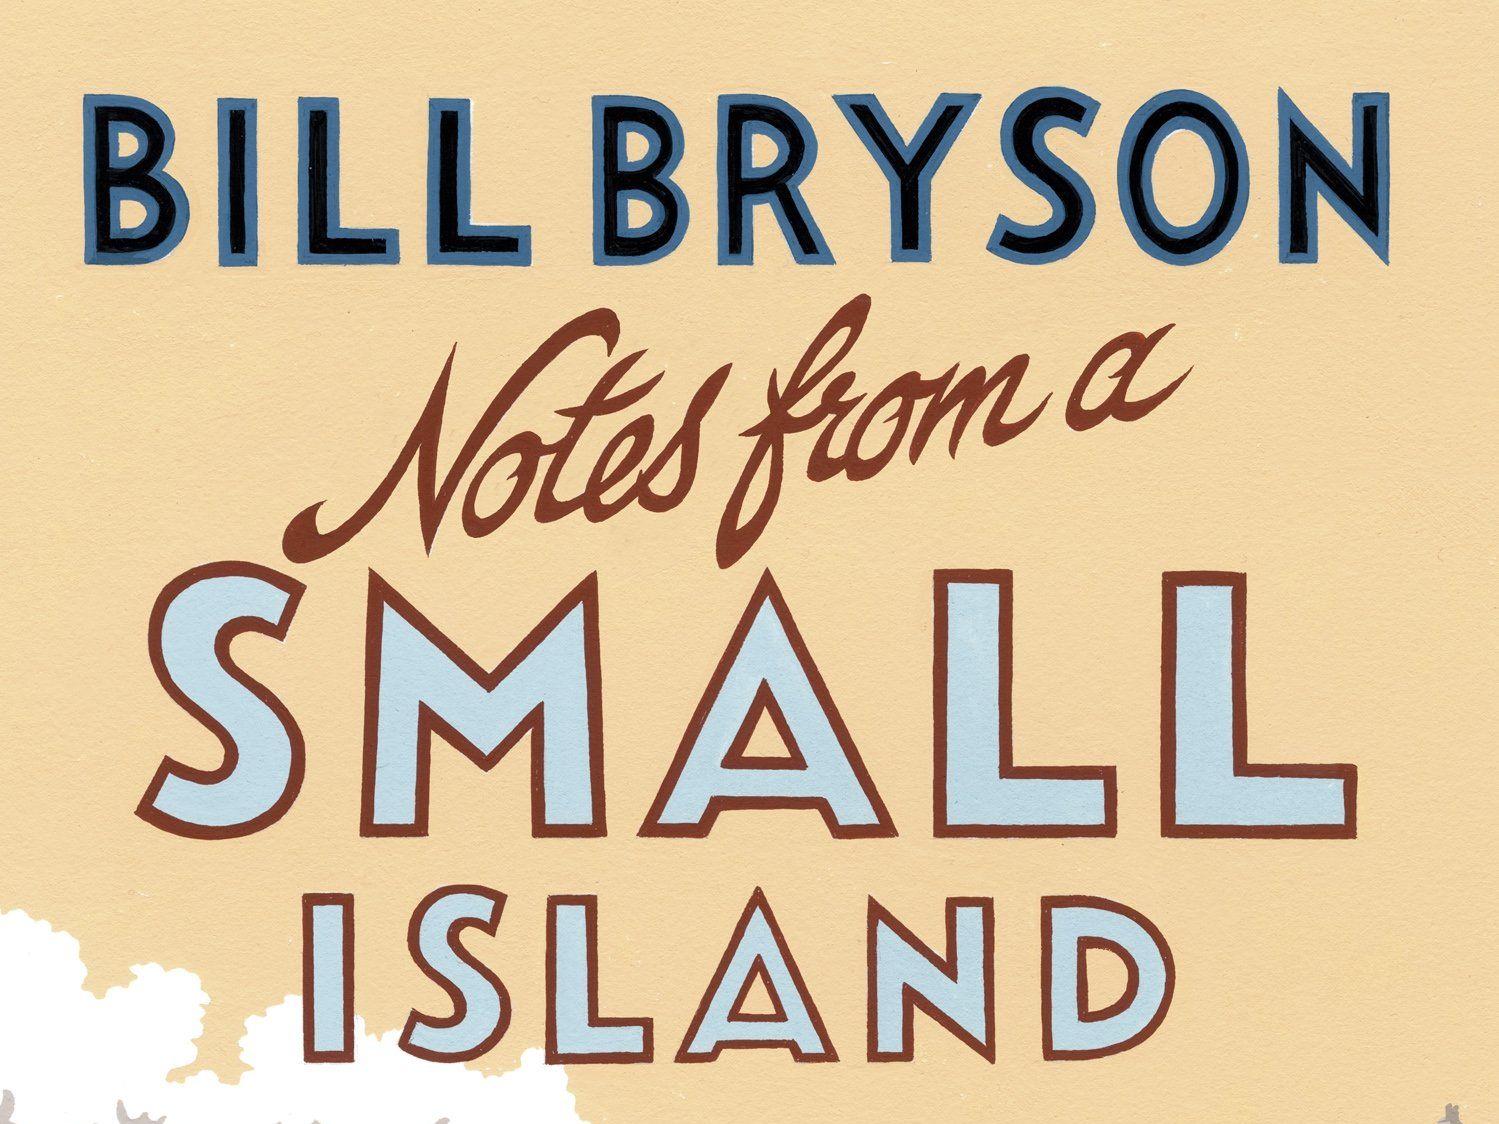 AQA NEA comparison guidance - Travel - Granta and Notes from a Small Island - Bill Bryson